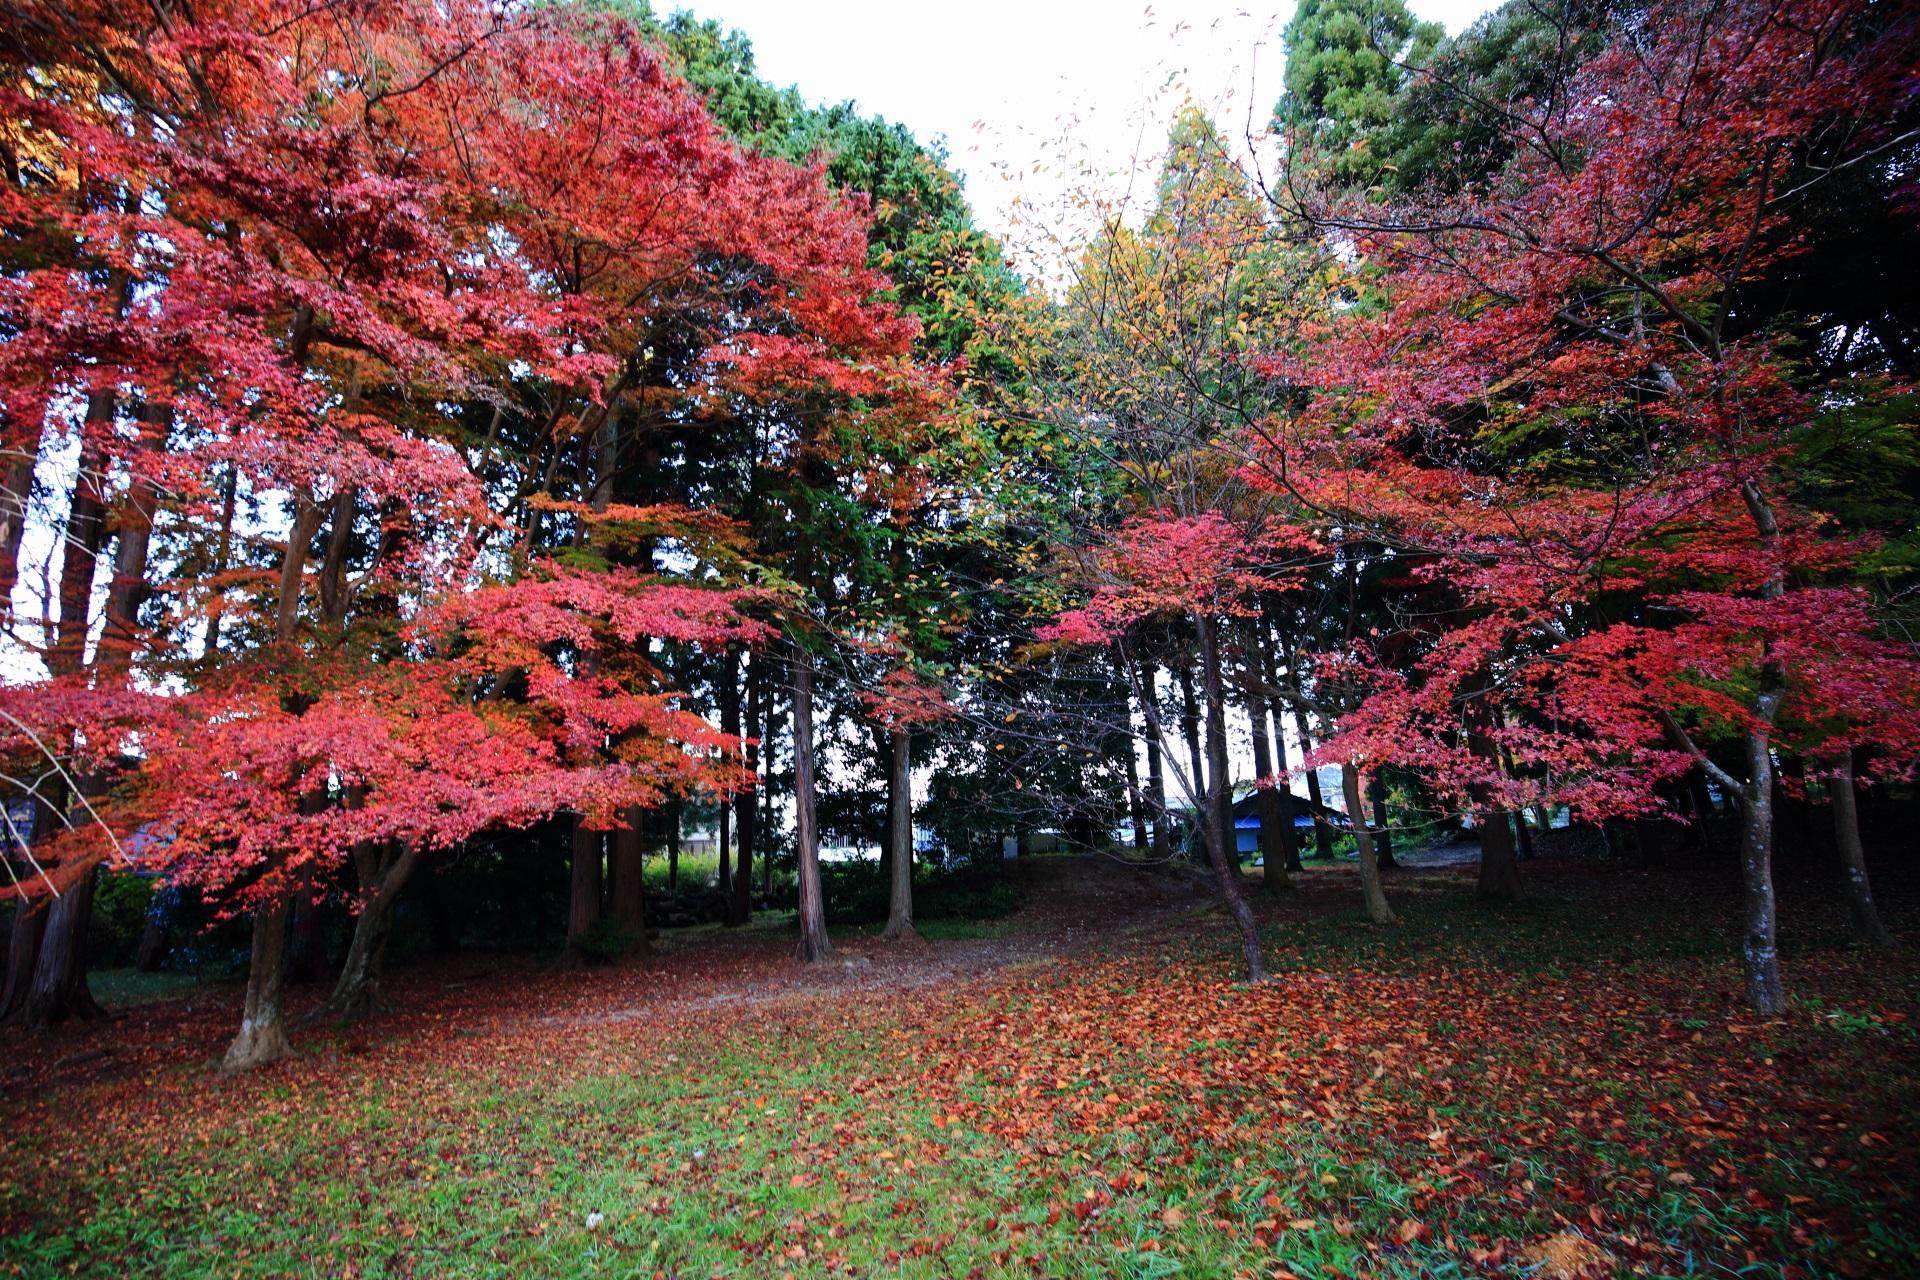 鷺森神社の緑の木々や芝生を彩る立派な紅葉